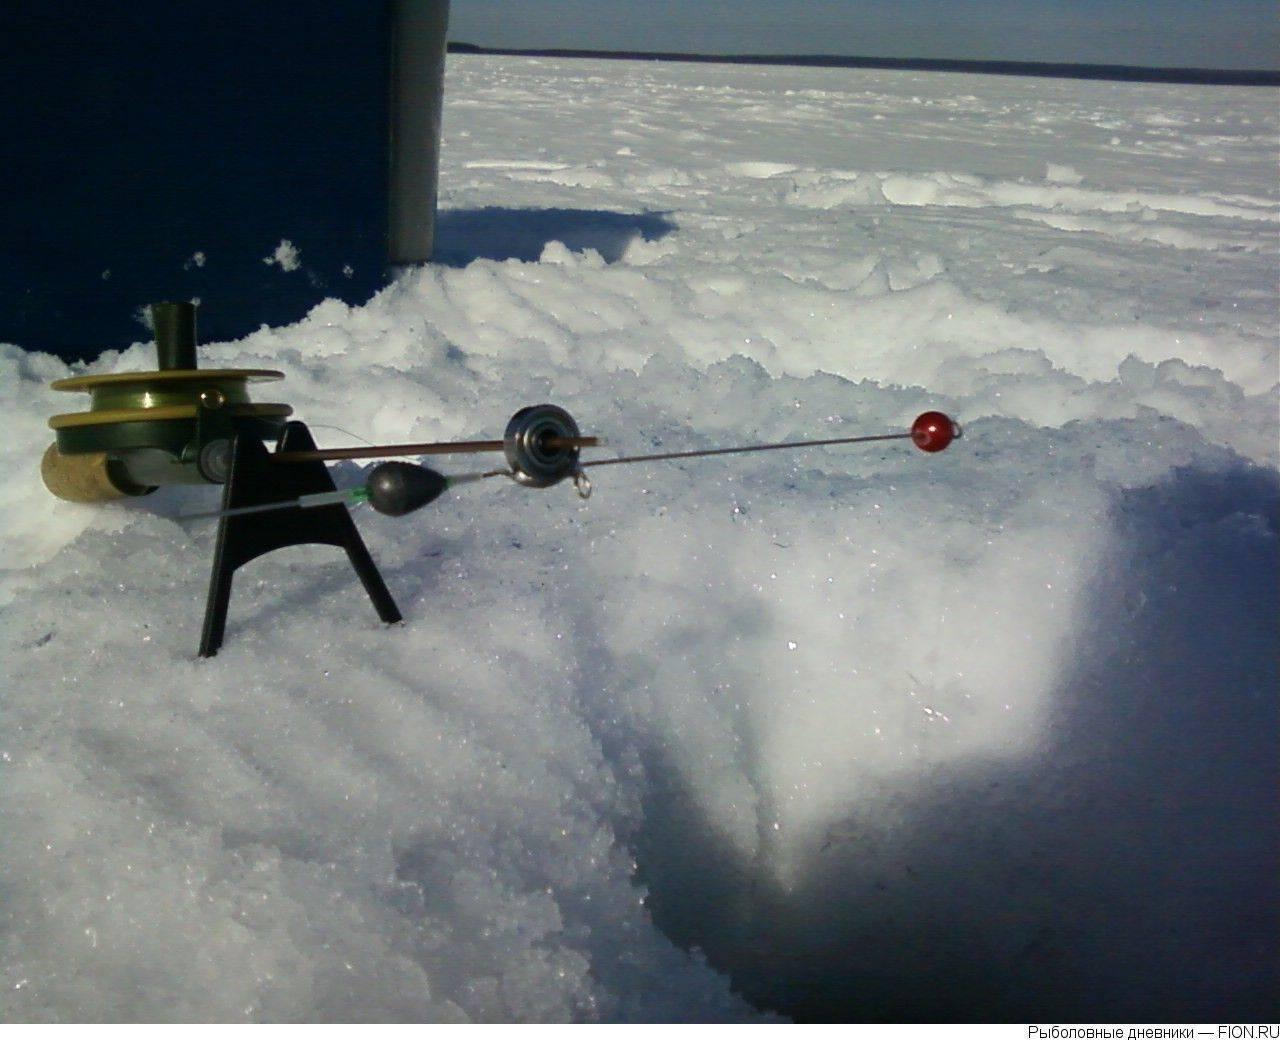 Самоделки для рыбалки своими руками: поплавок, кивок и коромысло, отлично подходящие для зимней рыбалки